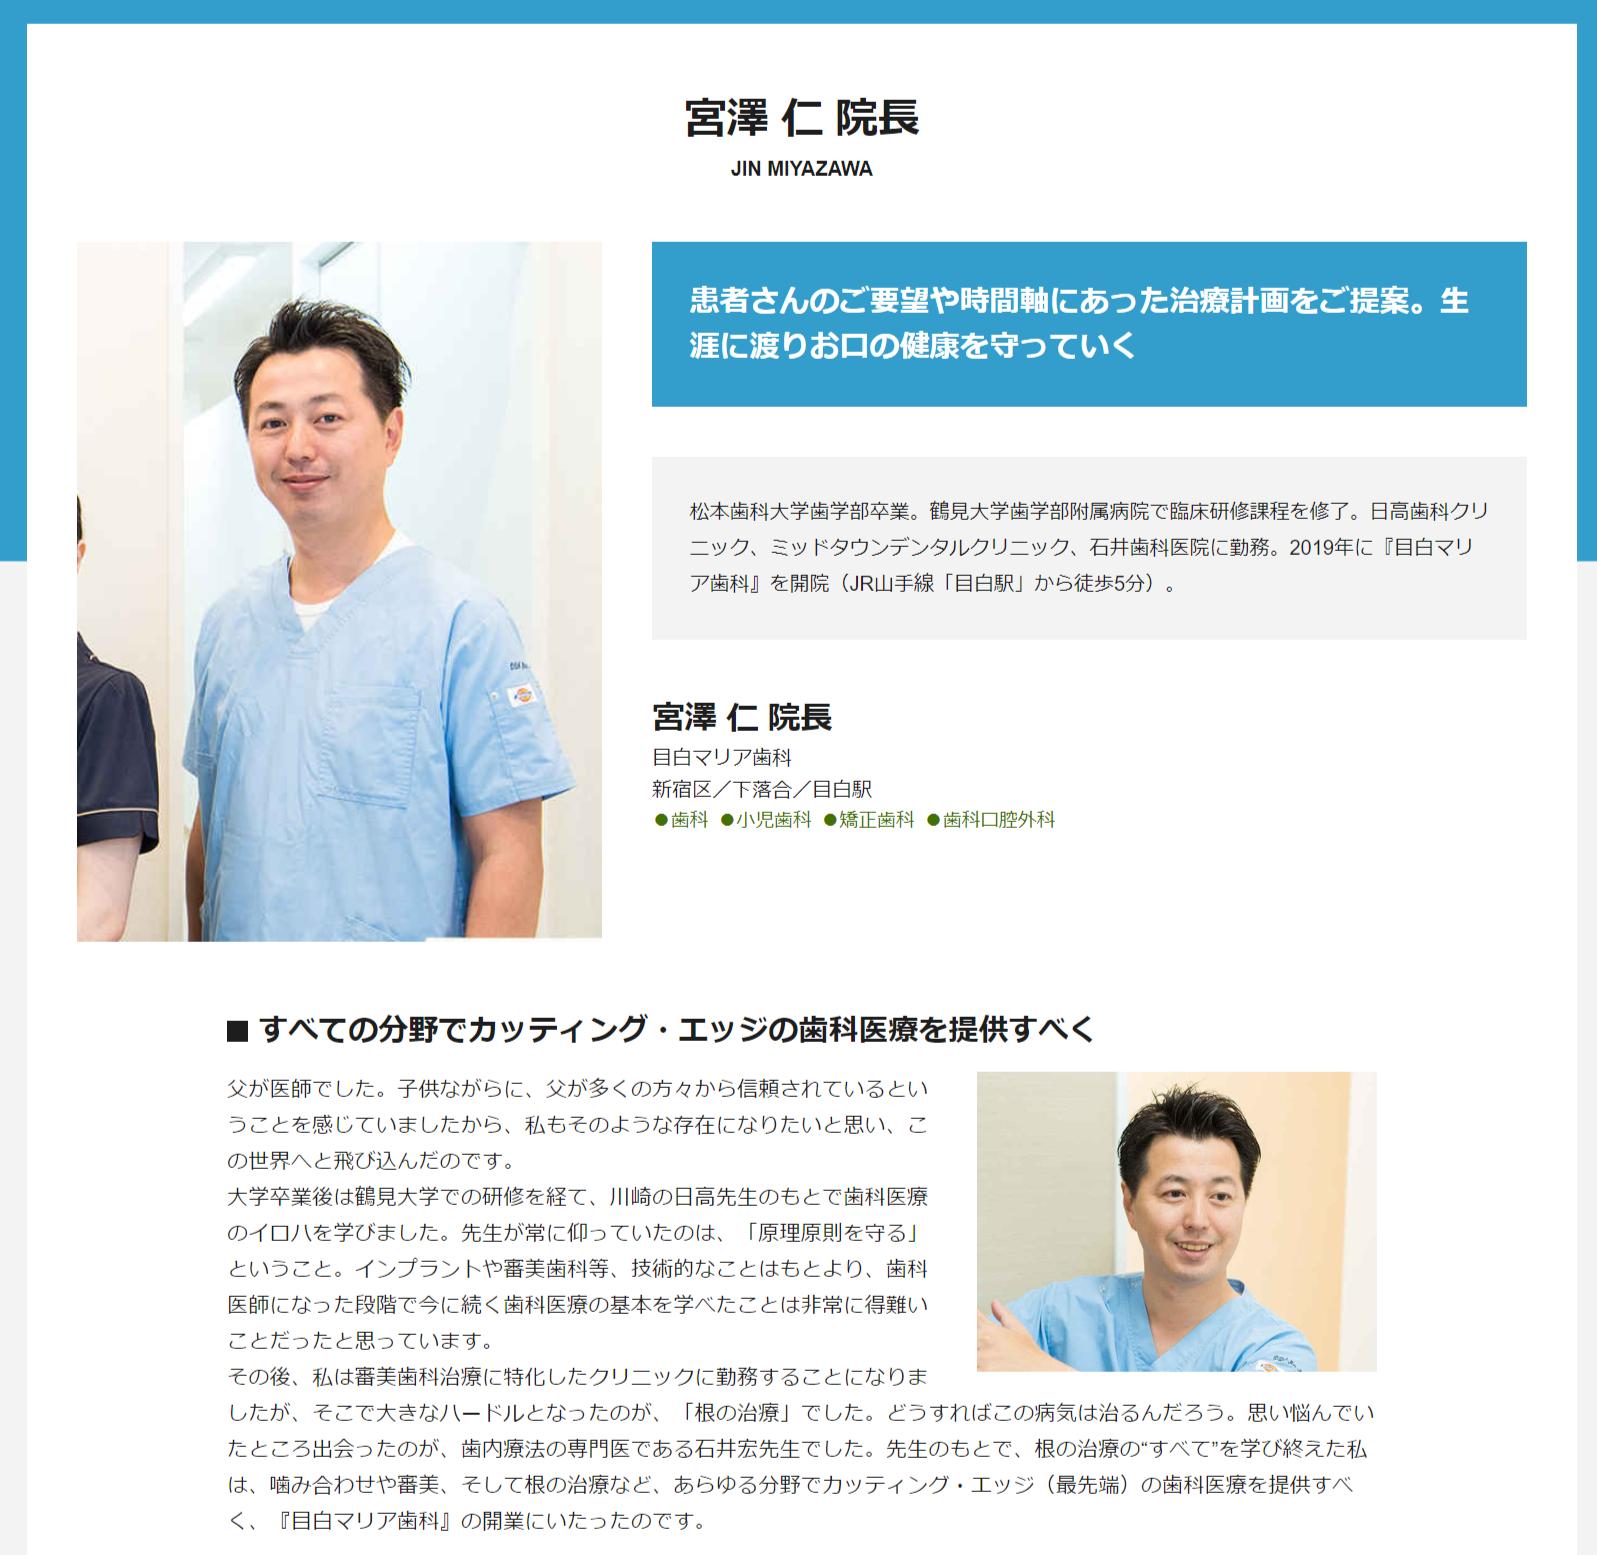 目白マリア歯科の東京ドクターズ掲載記事